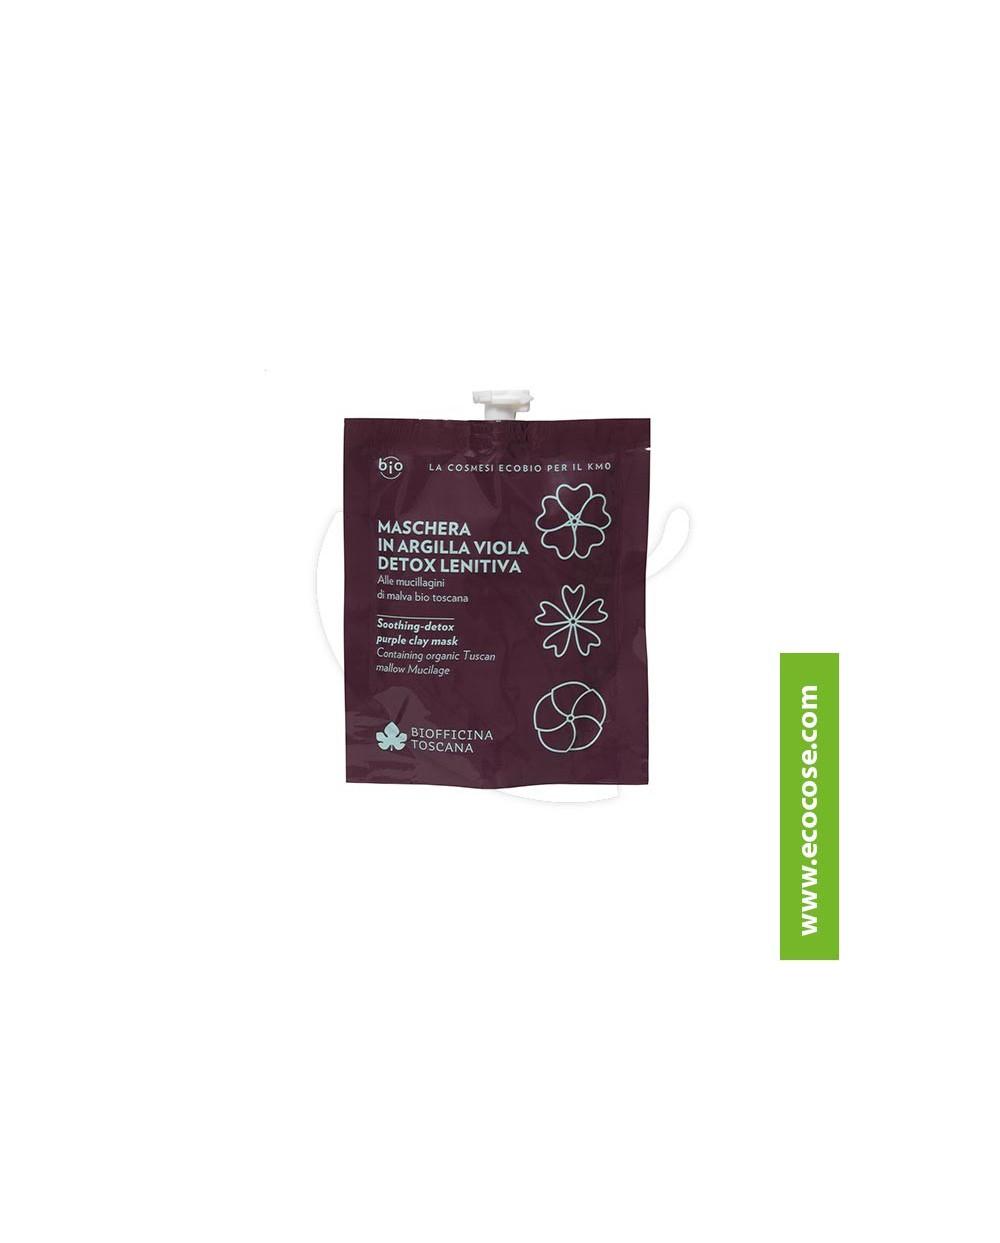 Biofficina Toscana - Maschera in argilla viola detox lenitiva